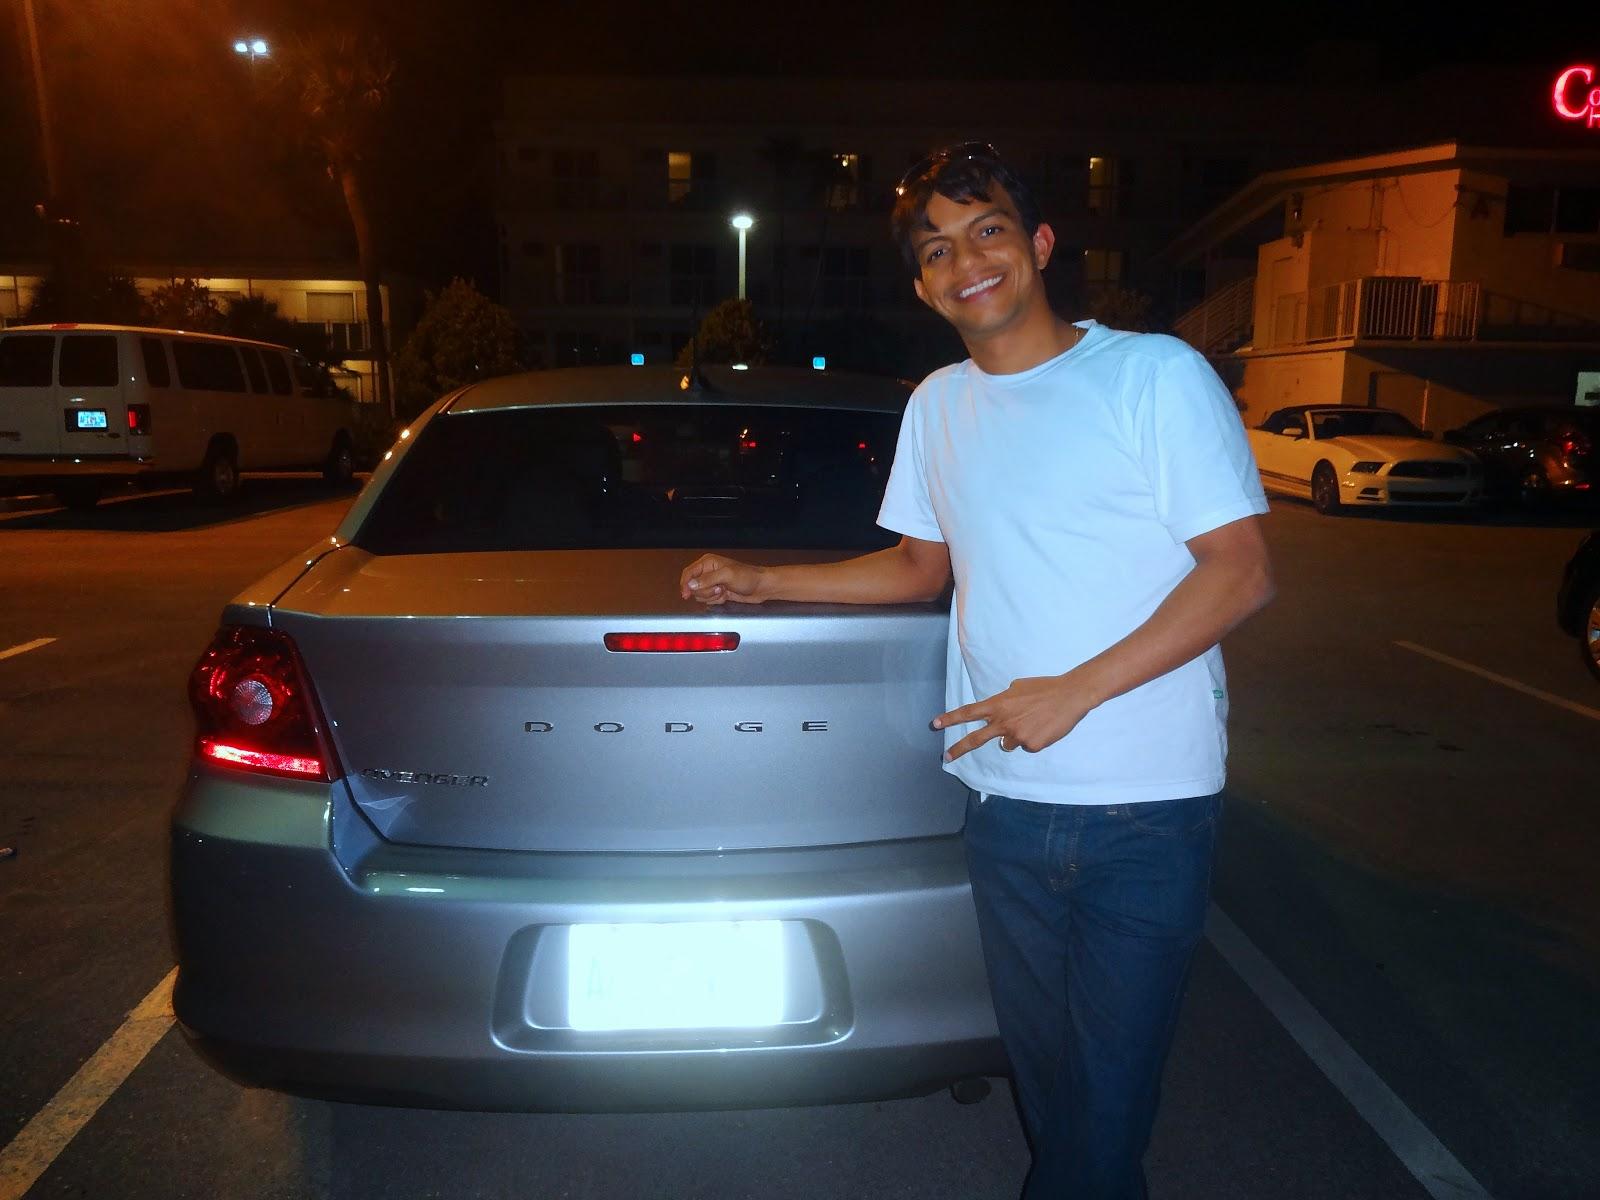 carro alugado em miami - dodge avenger